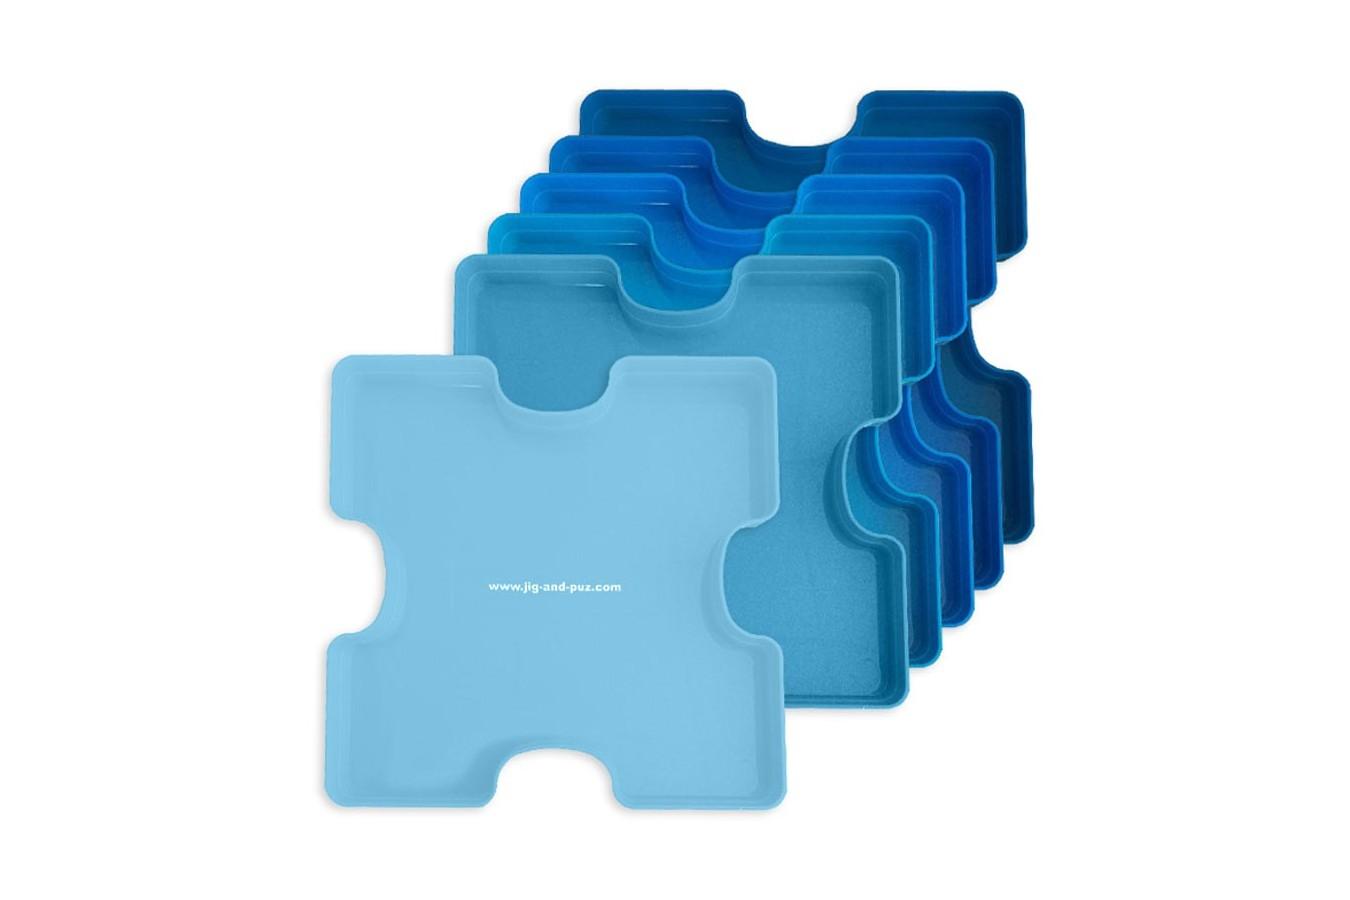 Cutii pentru sortat puzzle Jig & Puz, 6 buc imagine